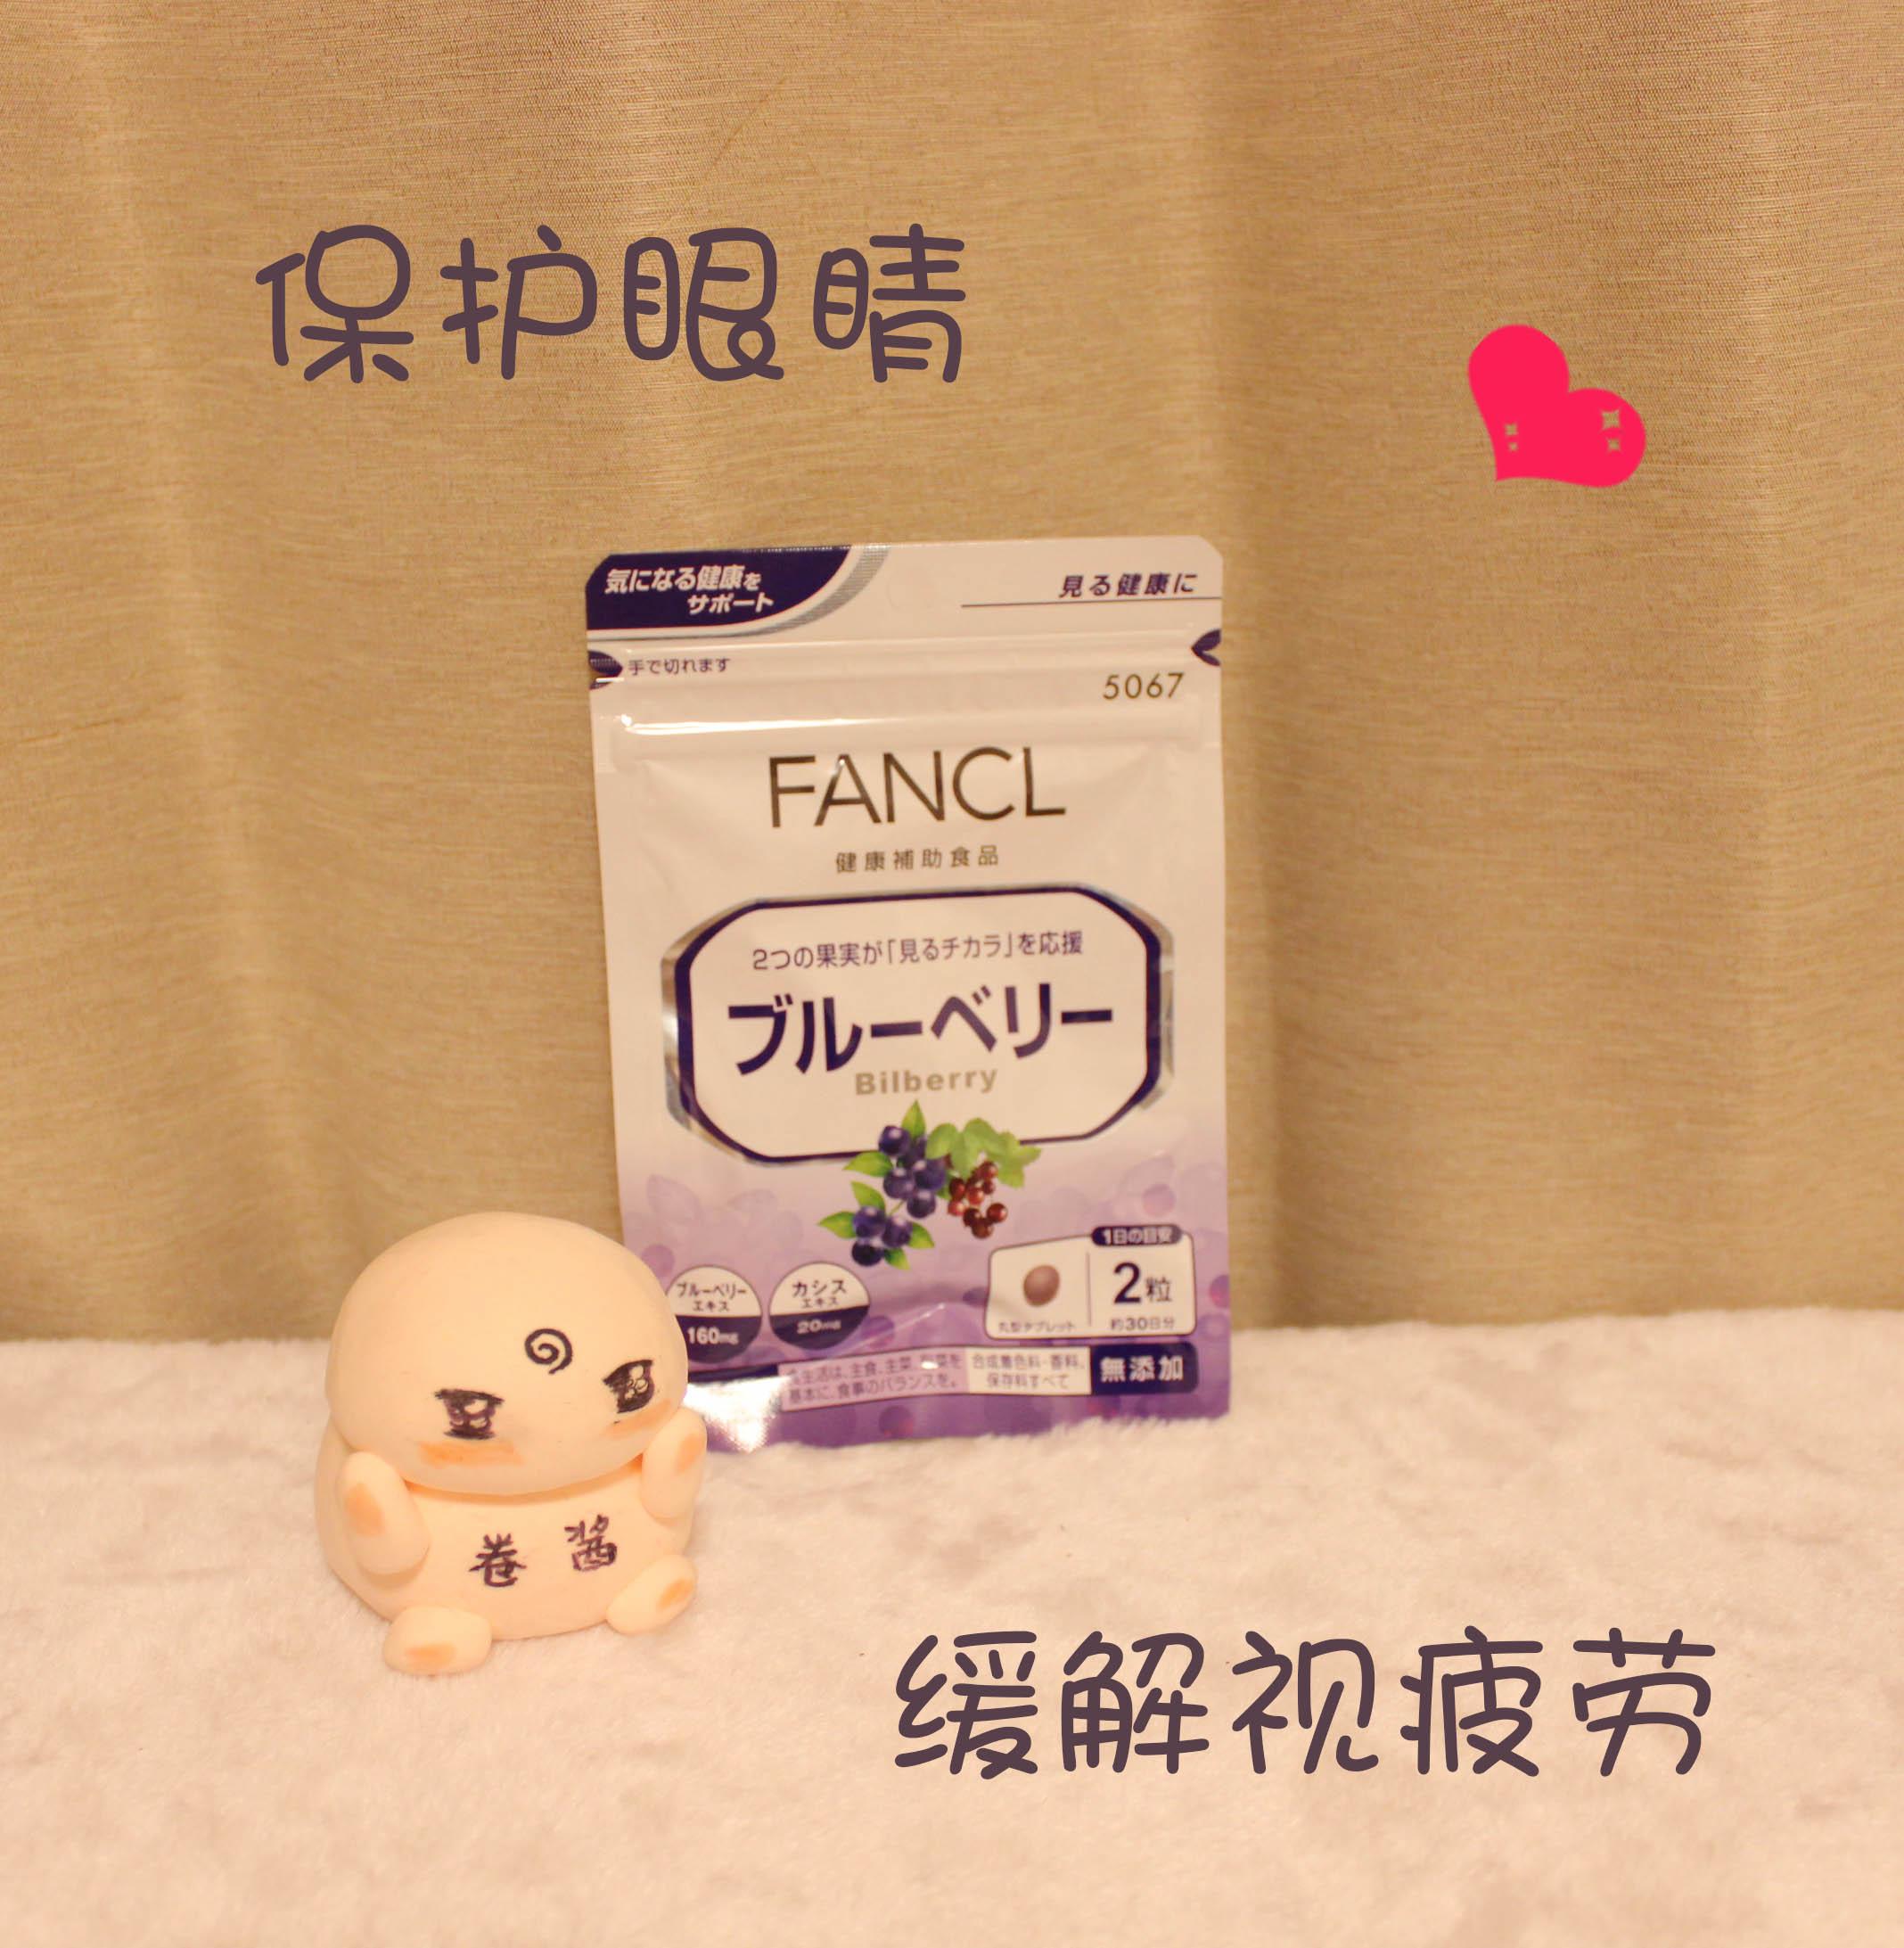 【 сейчас в надичии 】 япония группа возвращение FANCL глаз черника сущность синяк под глазом круг внимание утомленный труд 60 зерна 30 день